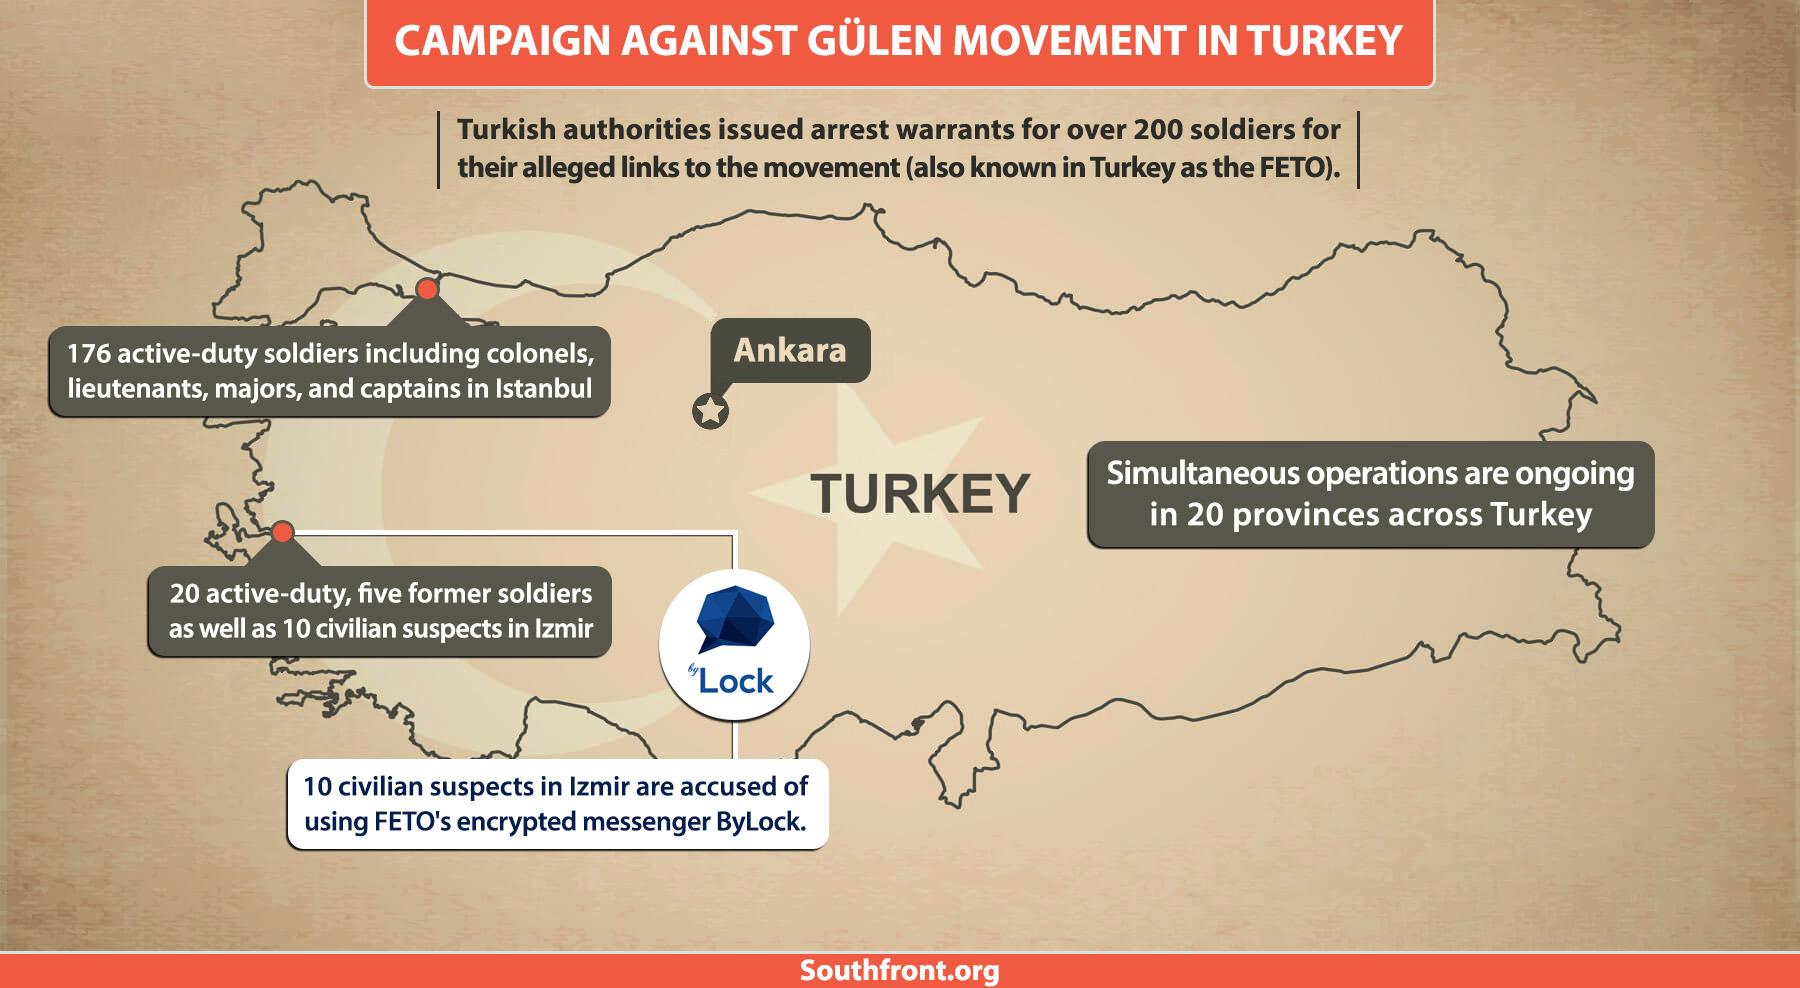 Turkish Authorities Issued Arrest Warrants For Over 200